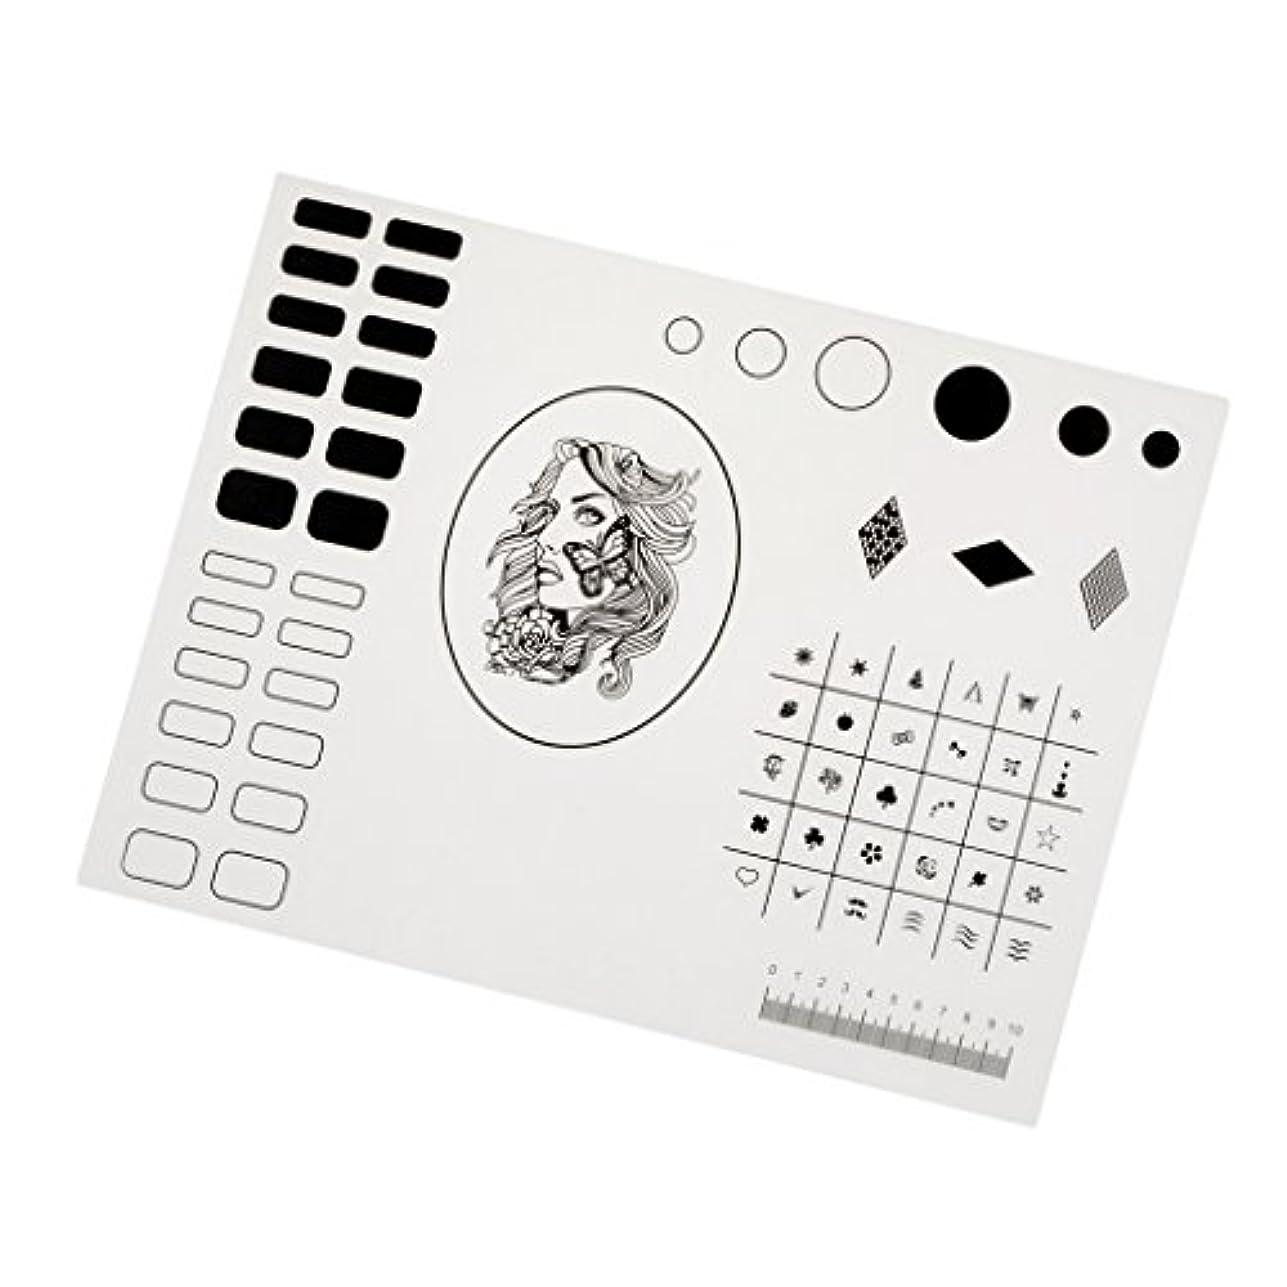 夕方共和国うがい薬Toygogo ネイルアート テーブルマット パッド マニキュア シリコーン マニキュアツール 2タイプ選べ - タイプ2